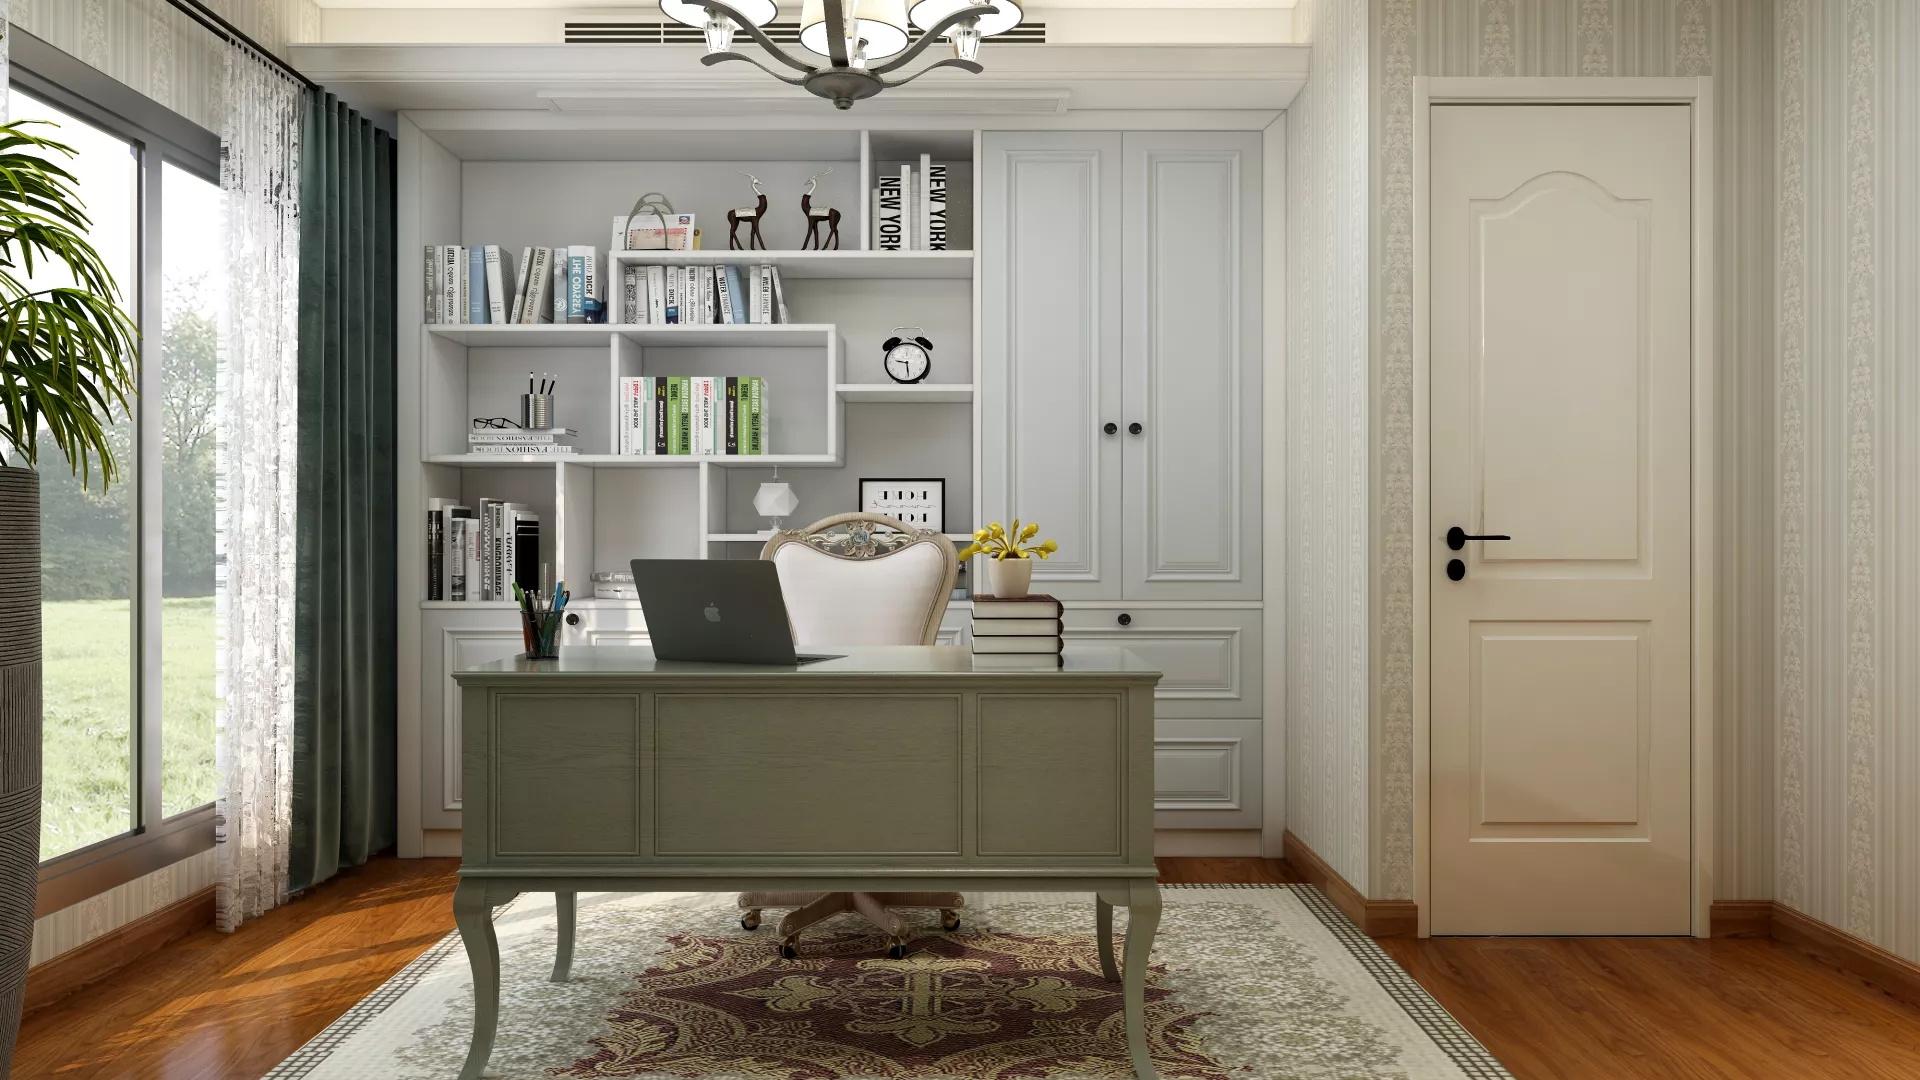 装修先铺地板还是先装门 房屋装修流程是什么